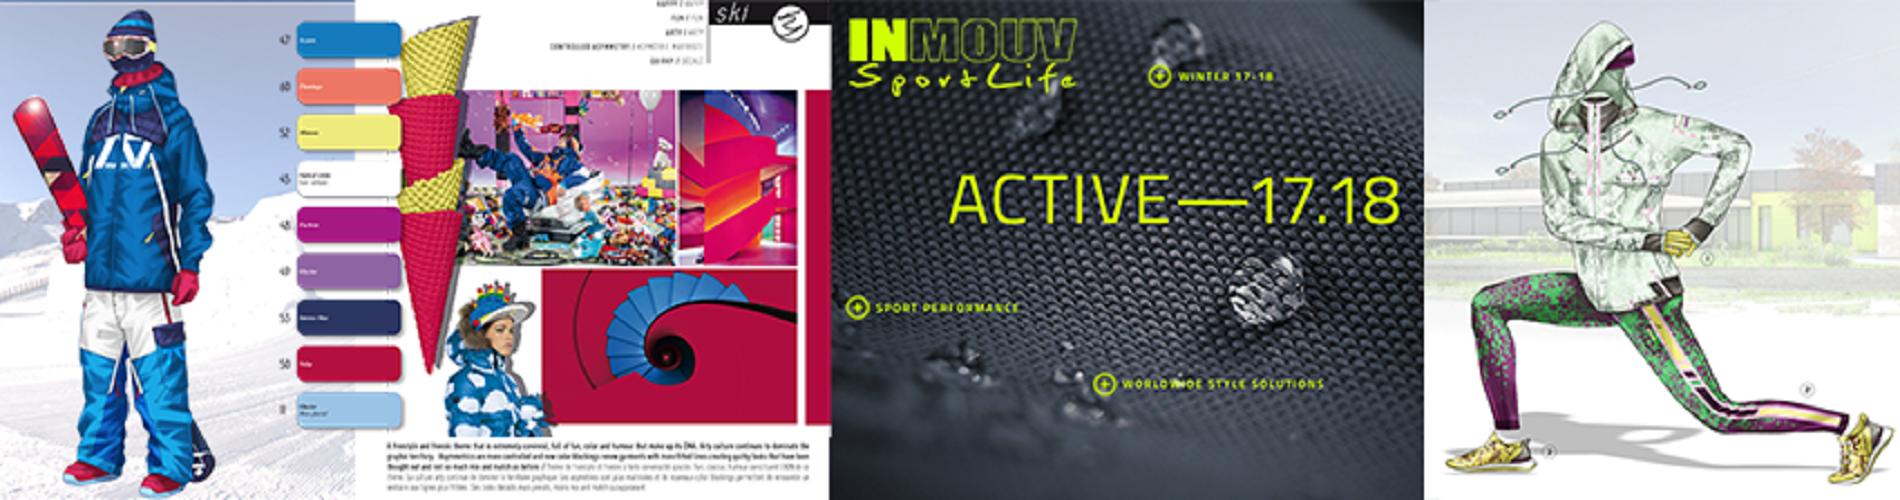 InMouv Active AW17-18